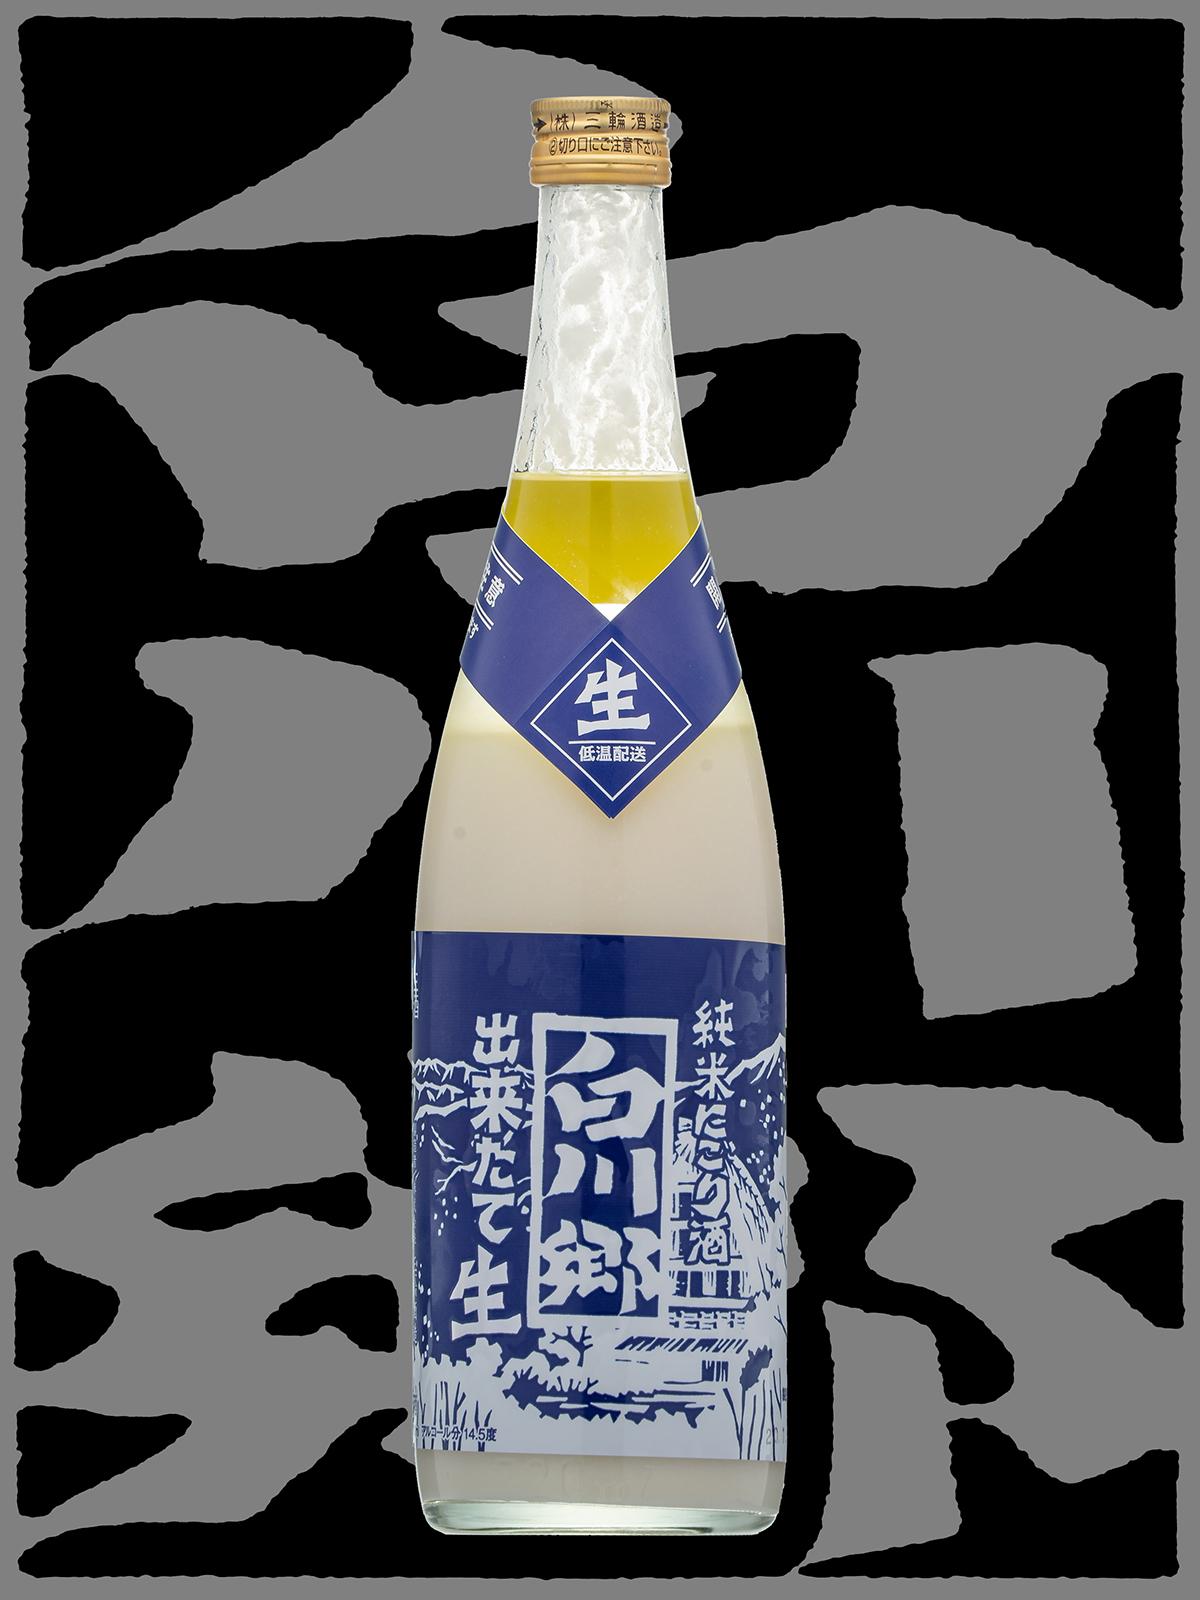 白川郷(しらかわごう)「純米」にごり酒出来たて生